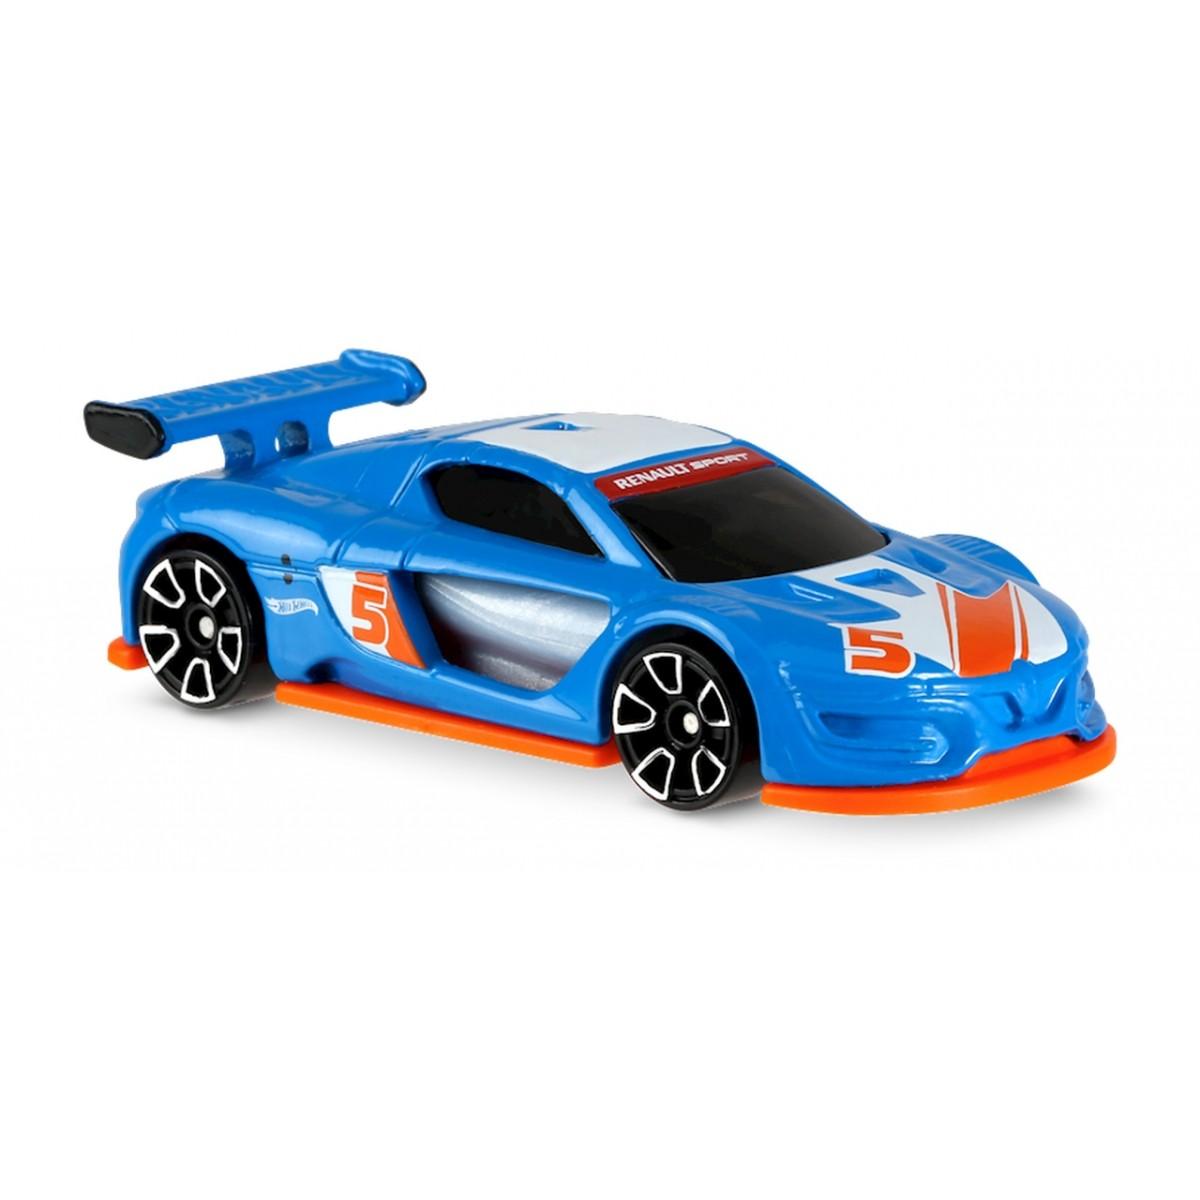 Carrinho Hot Wheels: Renault Sport R.S. 01 Azul